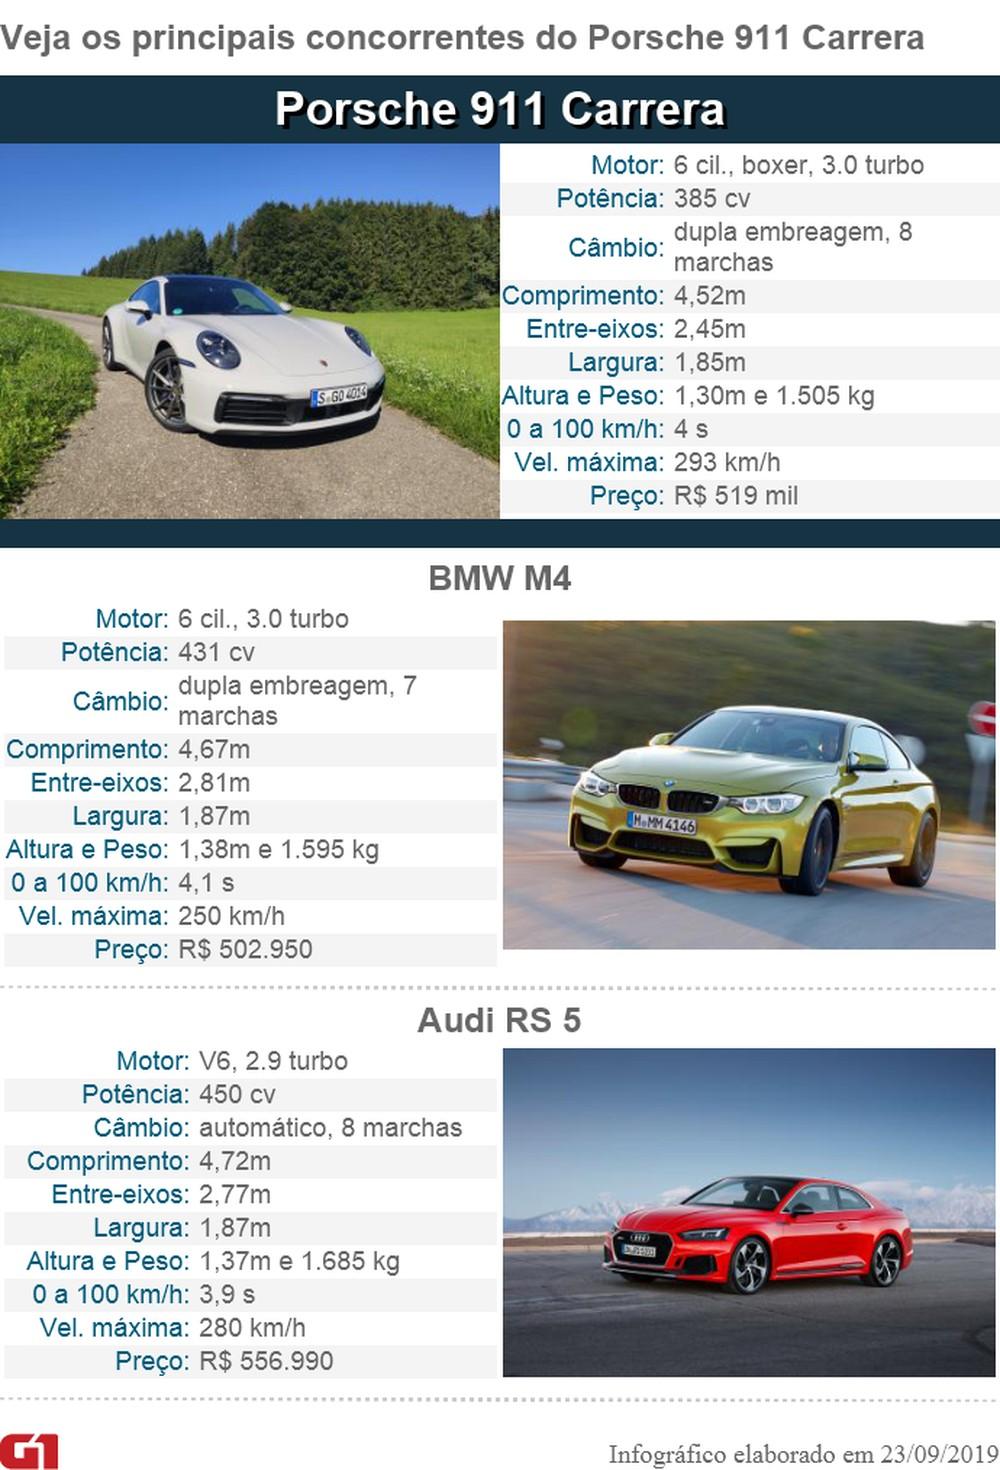 Porsche 911 Carrera: primeiras impressões Concor11